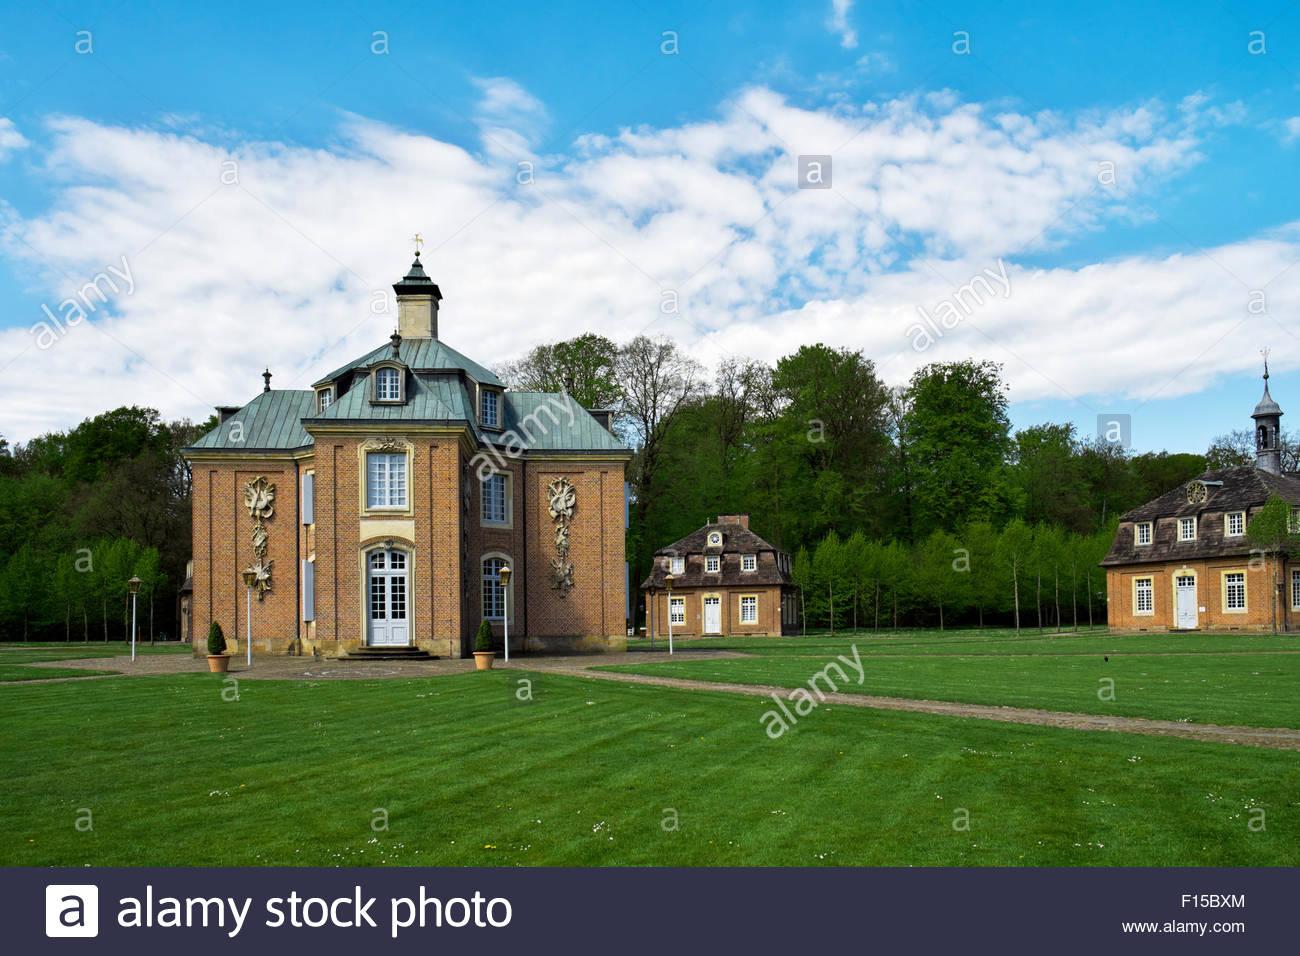 Ring von Gebäuden auf Schloss Clemenswerth, Sögel, Niedersachsen, Germany Stockbild